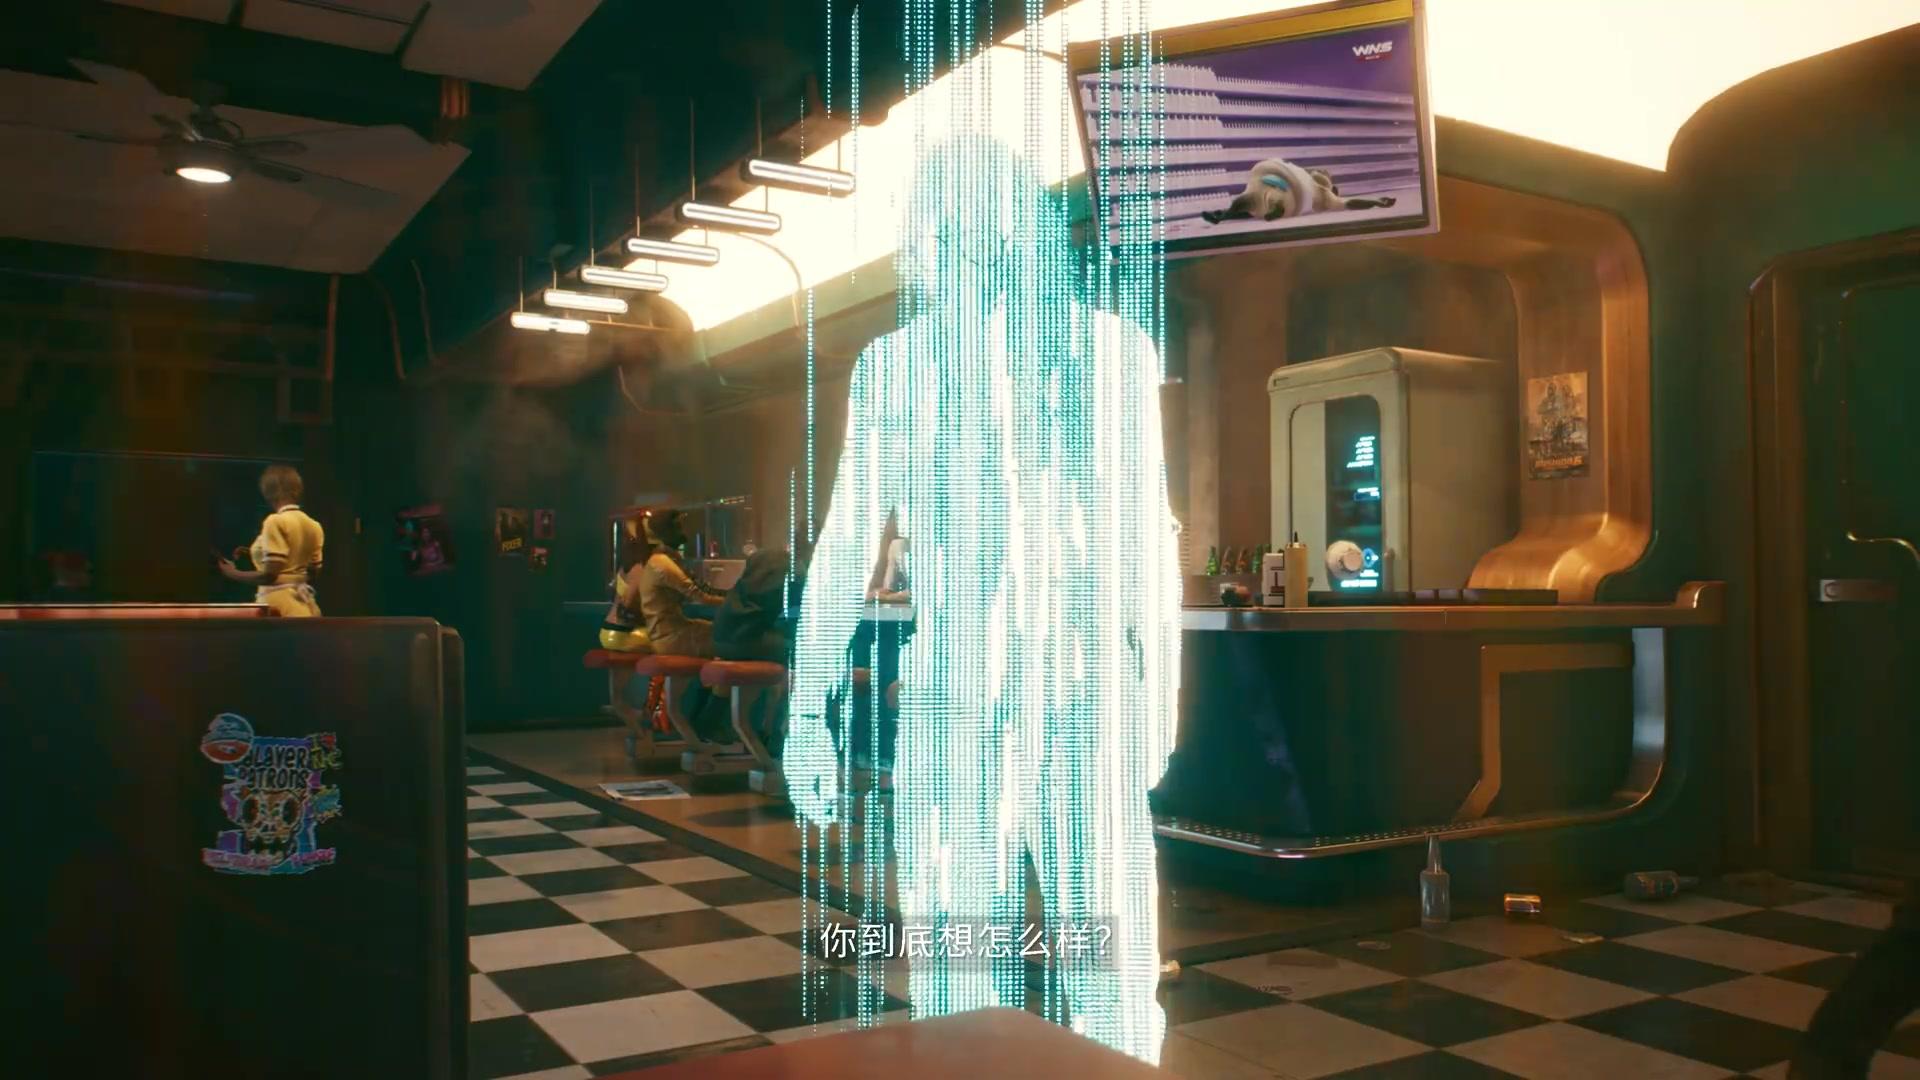 《赛博朋克2077》火线夜之城第五期 由你打破世界僵局